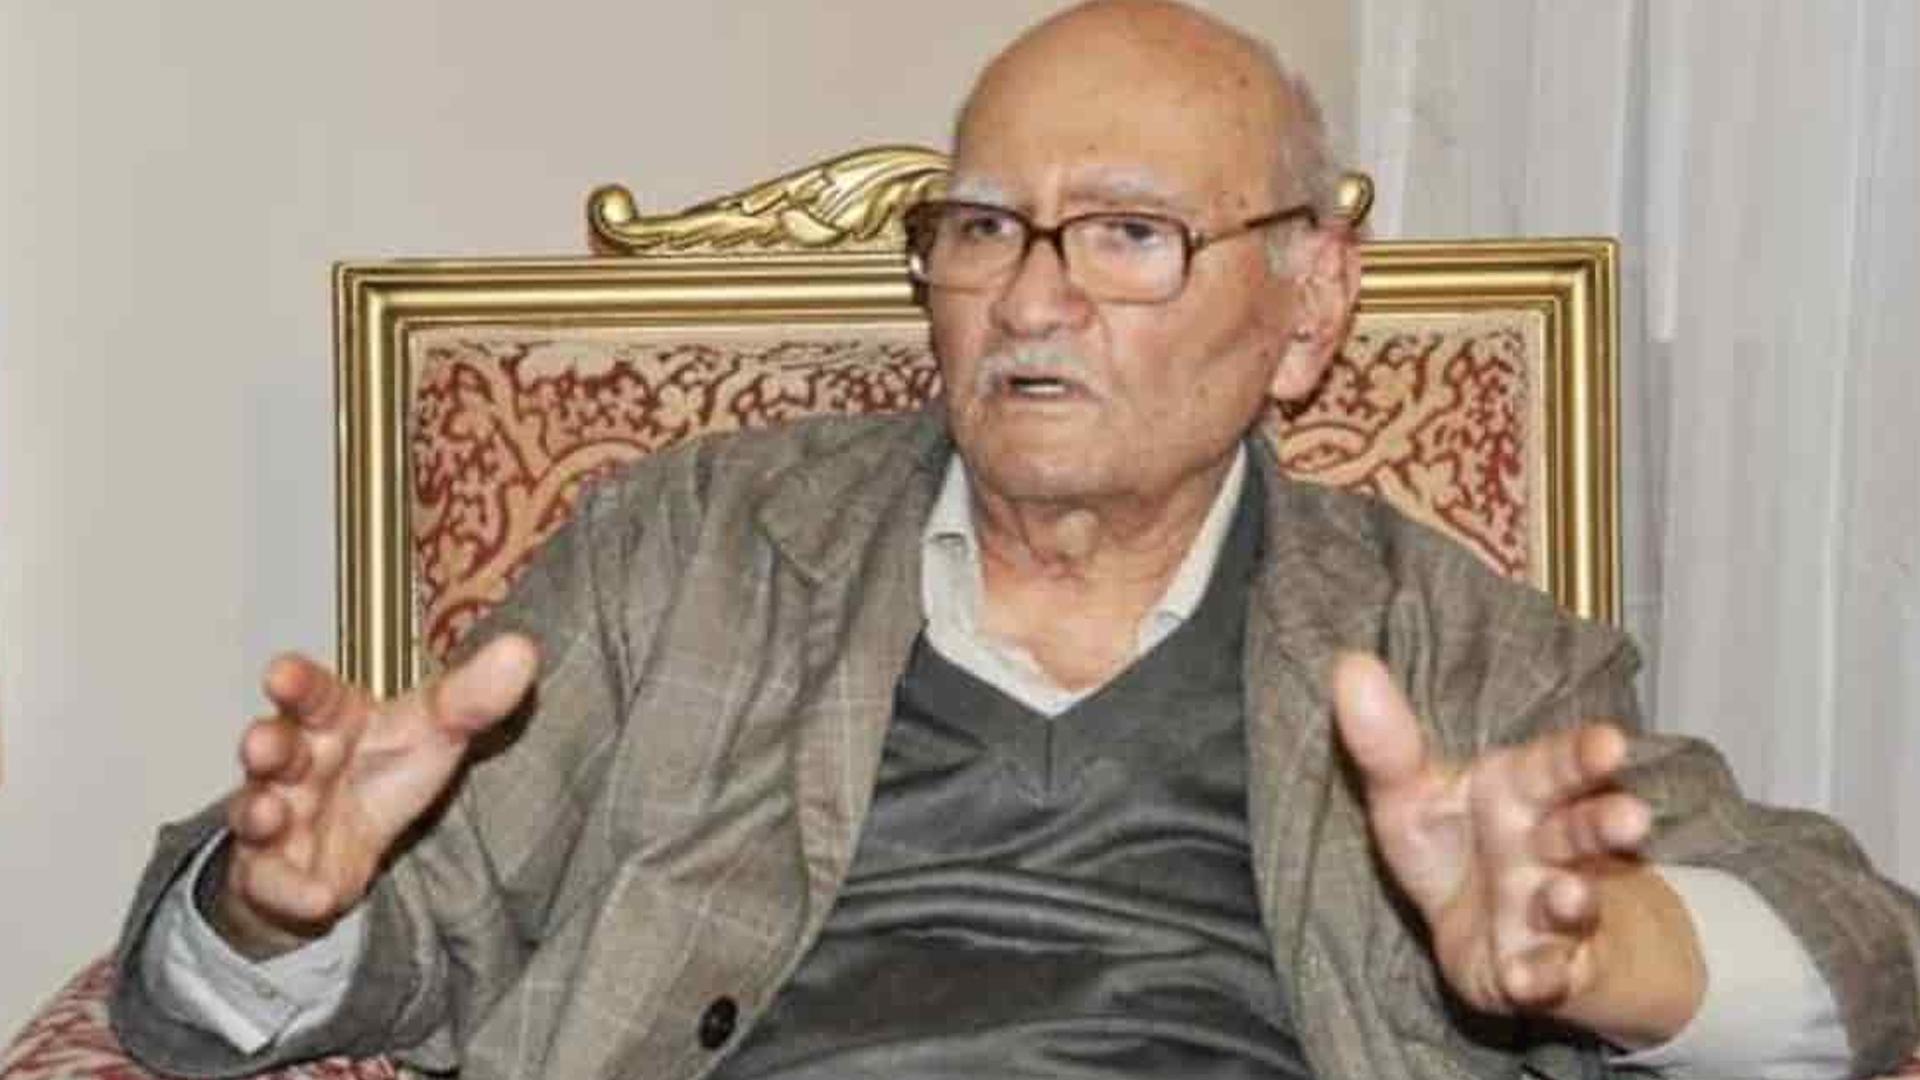 Milli Görüş camiasının acı günü... Süleyman Arif Emre hayatını kaybetti